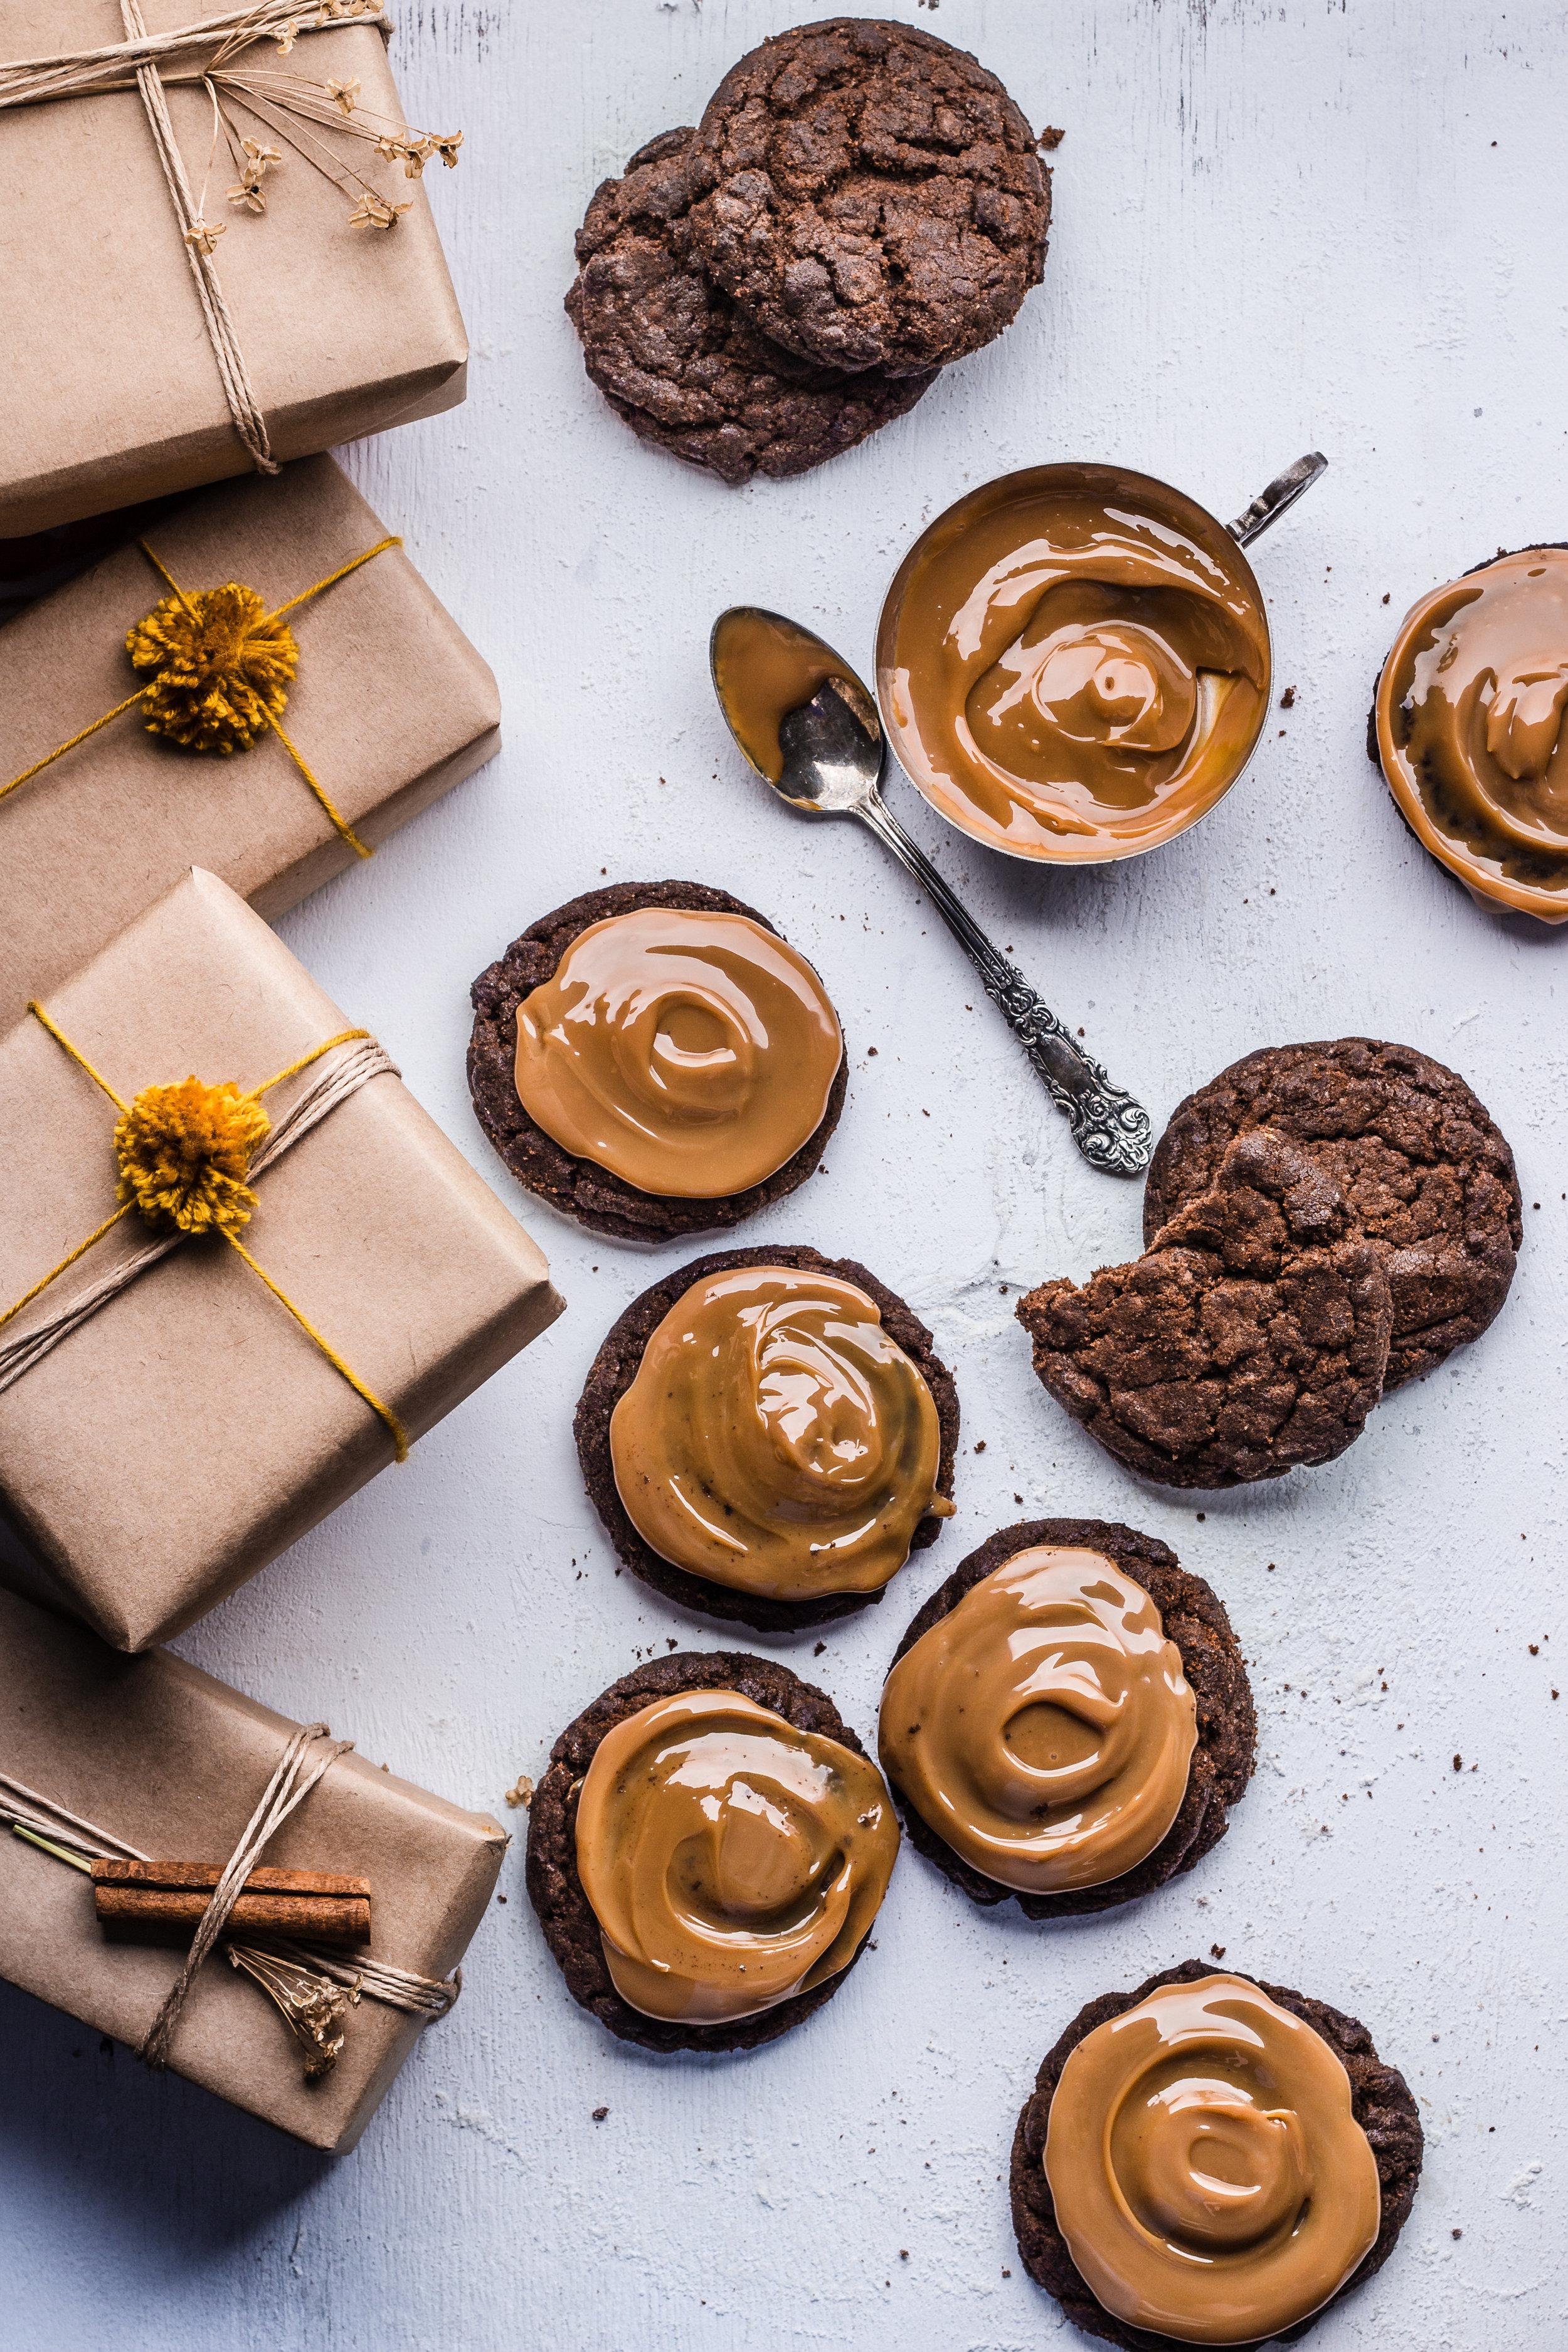 Le caramel   «Ce n'est pas parce qu'on mange sain qu'on ne peut pas manger de caramel !» En effet, Jennifer a créé une recette de caramel saine et délicieuse grâce à l'association d'huile de coco, de beurre d'amande, de sucre de coco et de vanille...  Bien sûr l'essence ou l'absolue de caramel n'existe pas en parfumerie ! Pourtant, on retrouve souvent cette note gourmande dans les parfums du moment aux côtés de notes chocolat, guimauve ou dragée. Le parfumeur récrée donc l'odeur chaleureuse du caramel du très doux fondant au plus dur et brun pour composer le fond des parfums gourmands et orientaux justement associés à la noix de coco et la vanille... La cuisine et le parfum sont intimement liés !